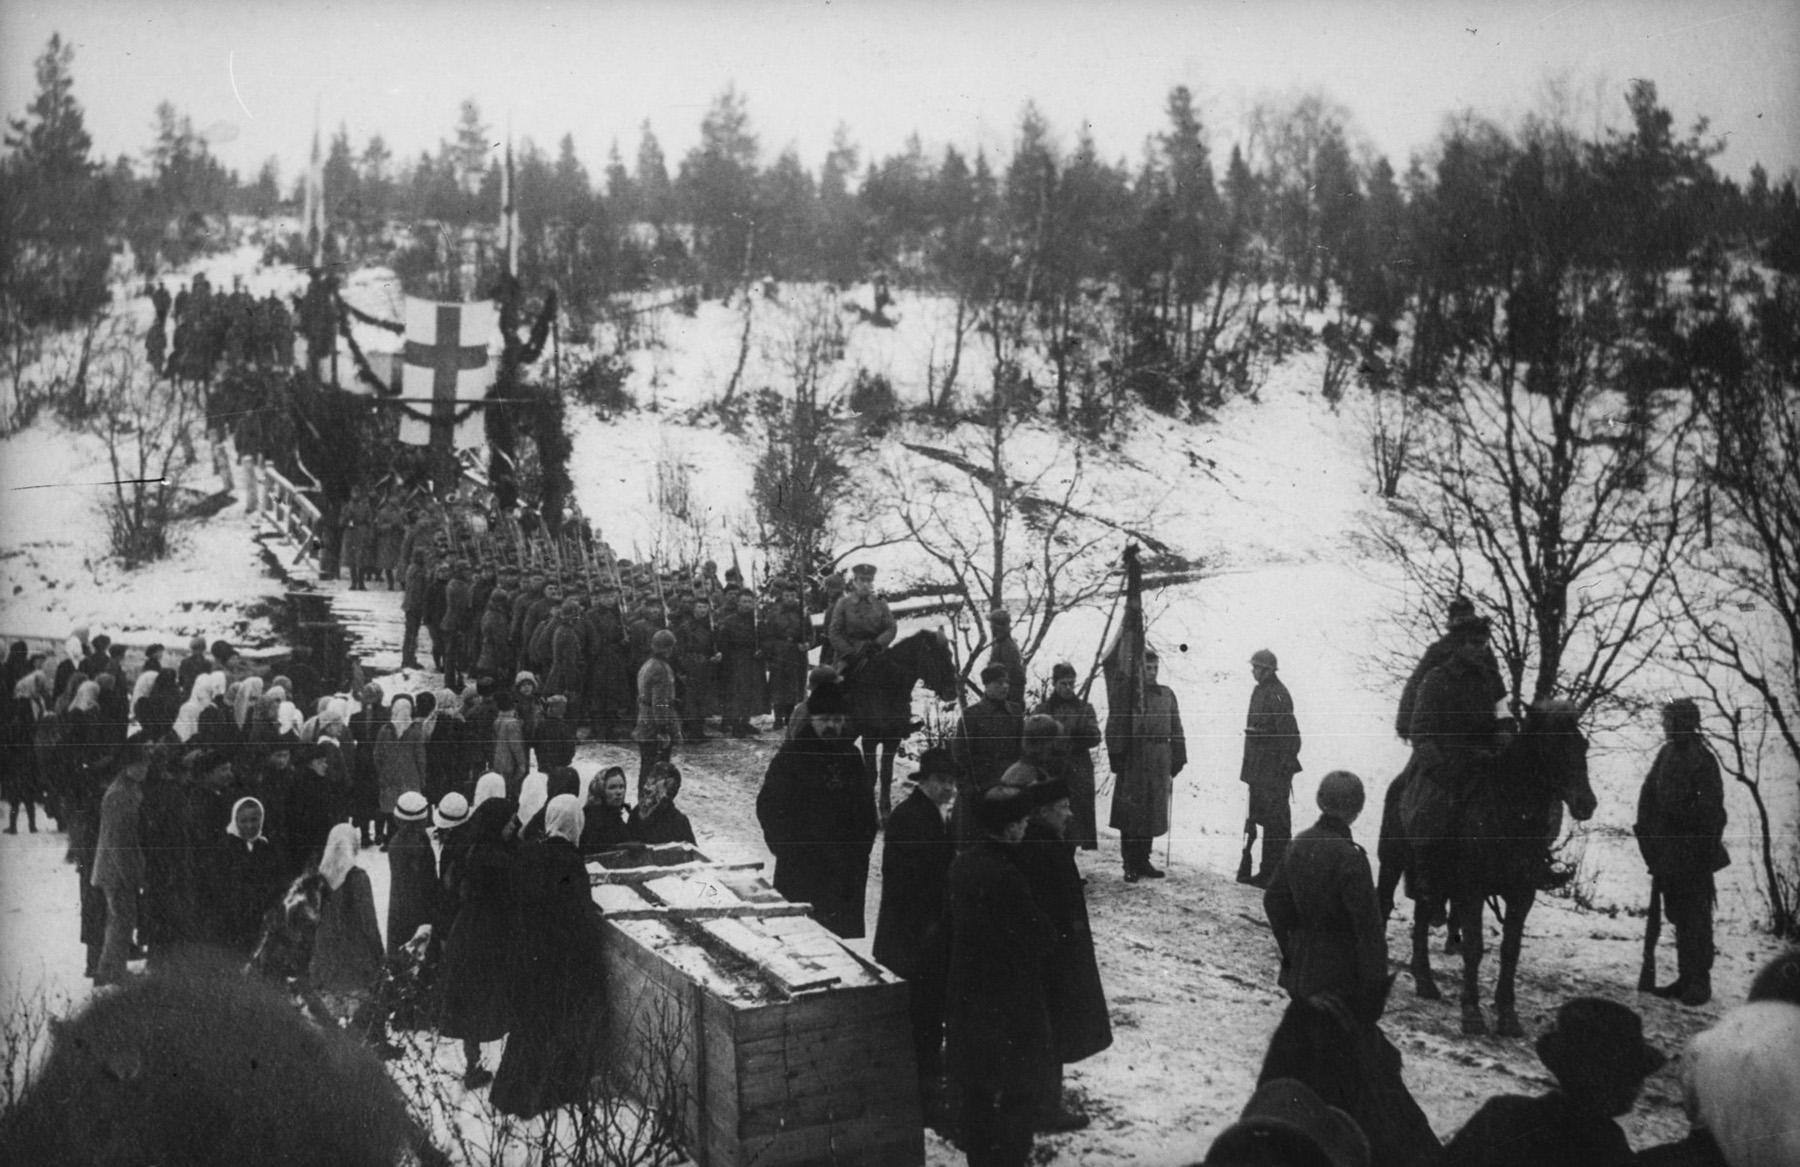 Joukot vetäytyivät Kirjasalosta ja majoittuvat Valkjärvelle. Inkeriläisten sivistyssäätiön kokoelma, kuva 2355. CC BY 4.0